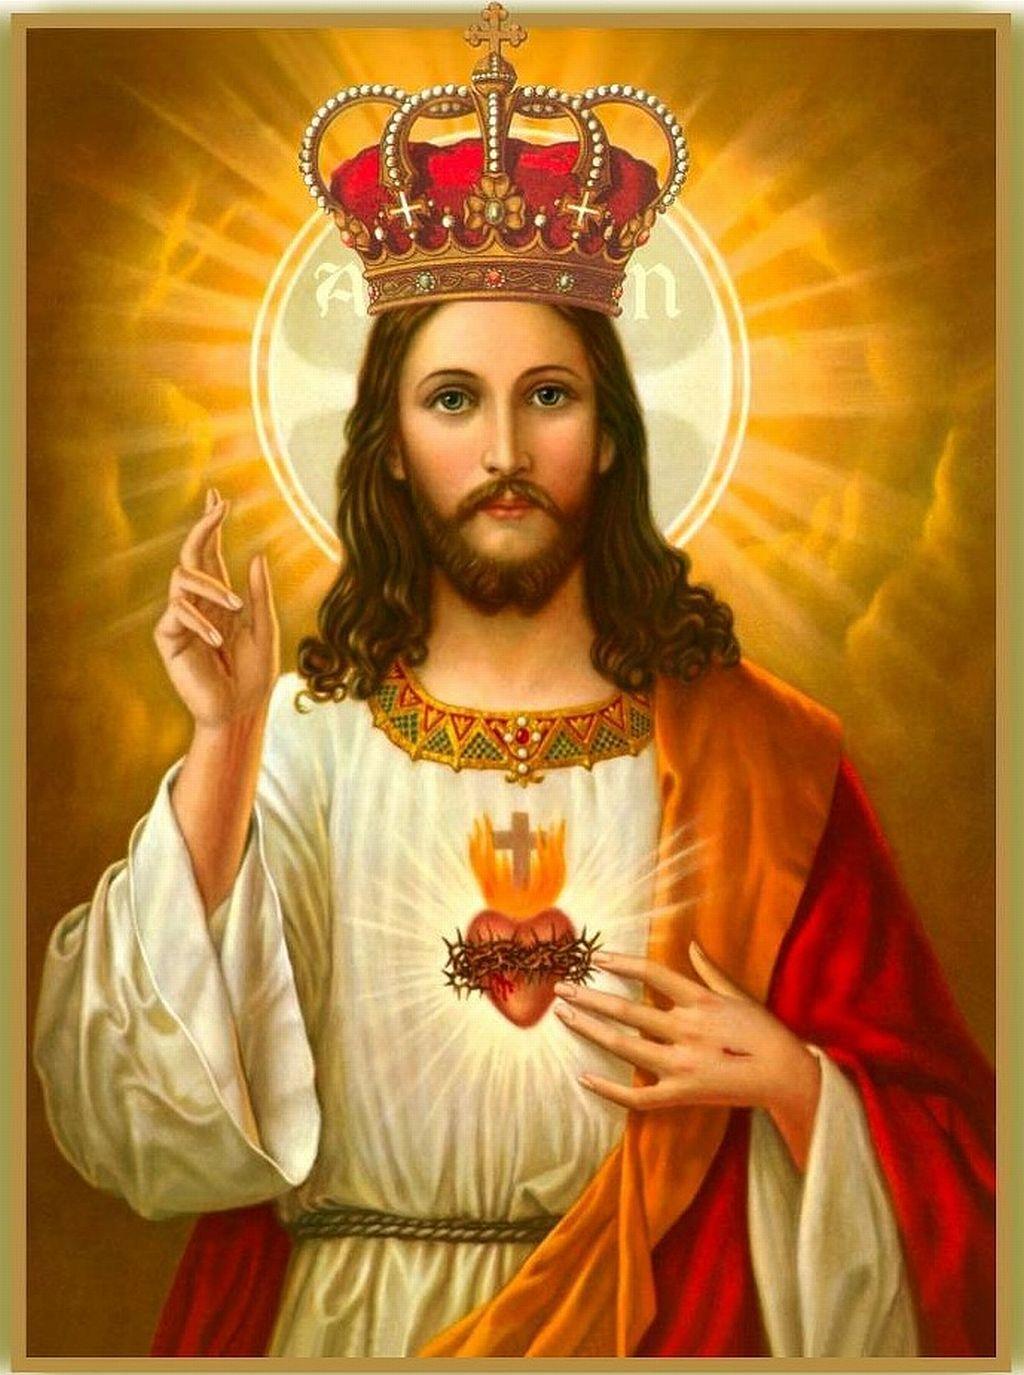 EEEENasza uroczystość Chrystusa Króla Wszechświata. 22 listopada jest patronalne święto Akcji Katolickiej